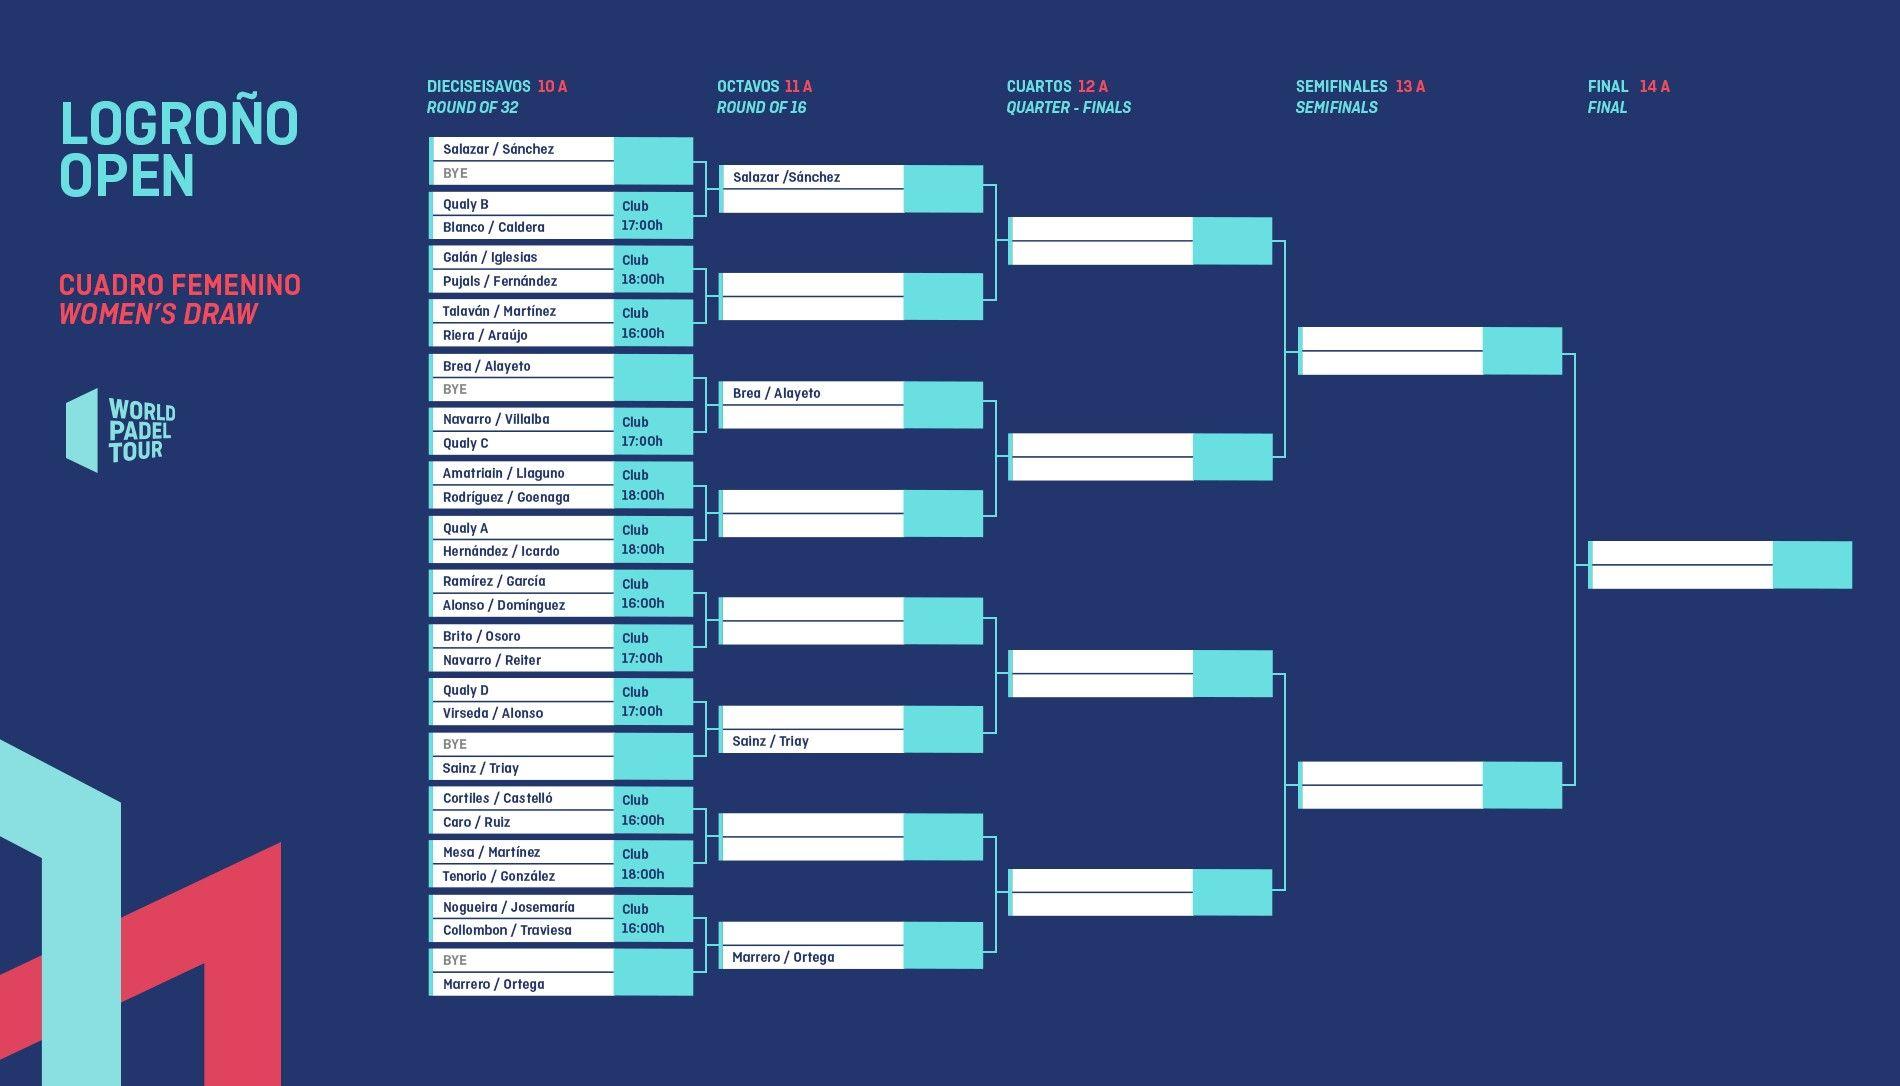 El cuadro femenino del Logroño Open. | WPT